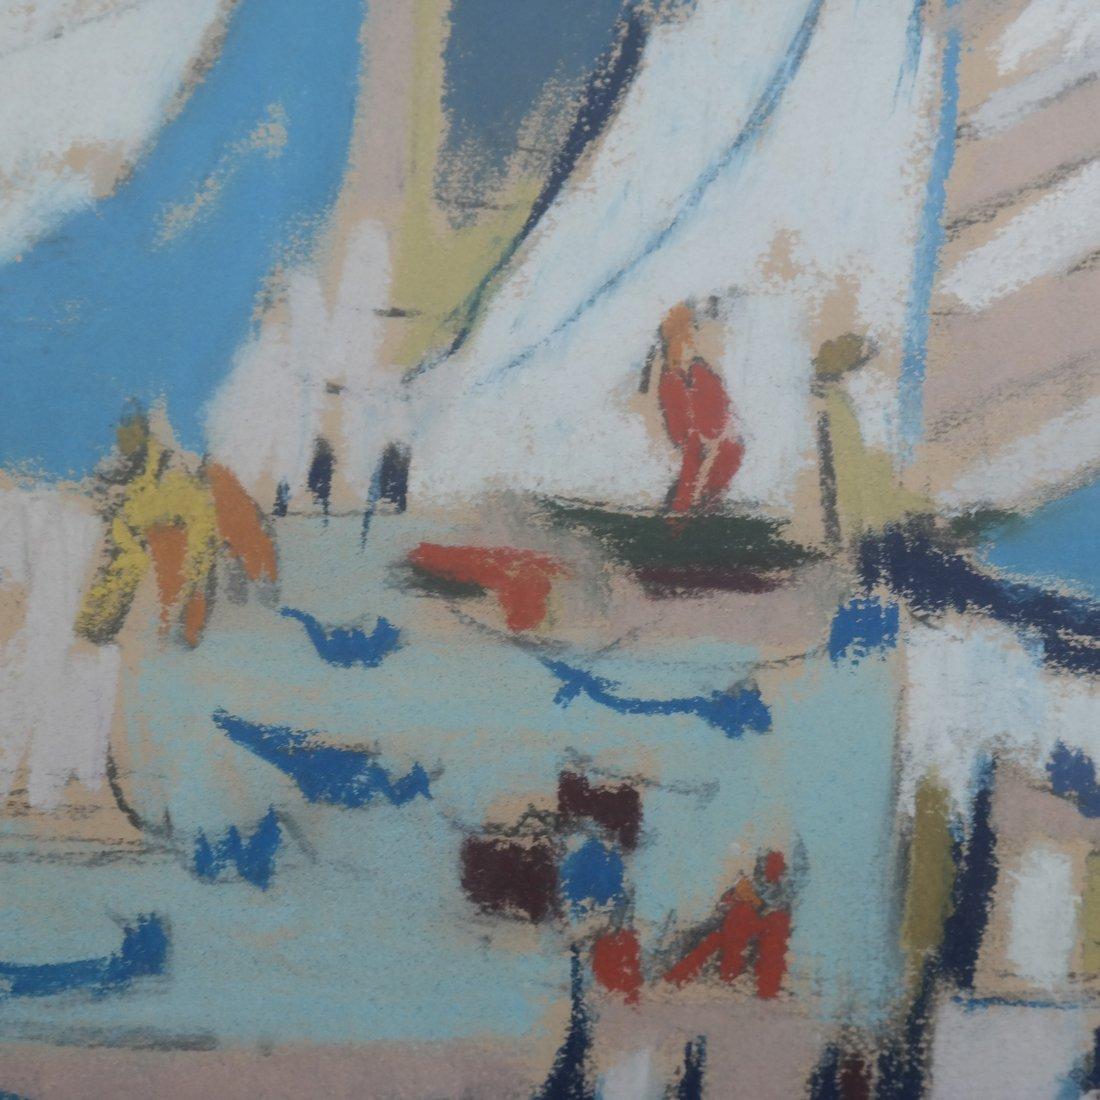 Framed Abstract Harbor Scene on Paper - 4